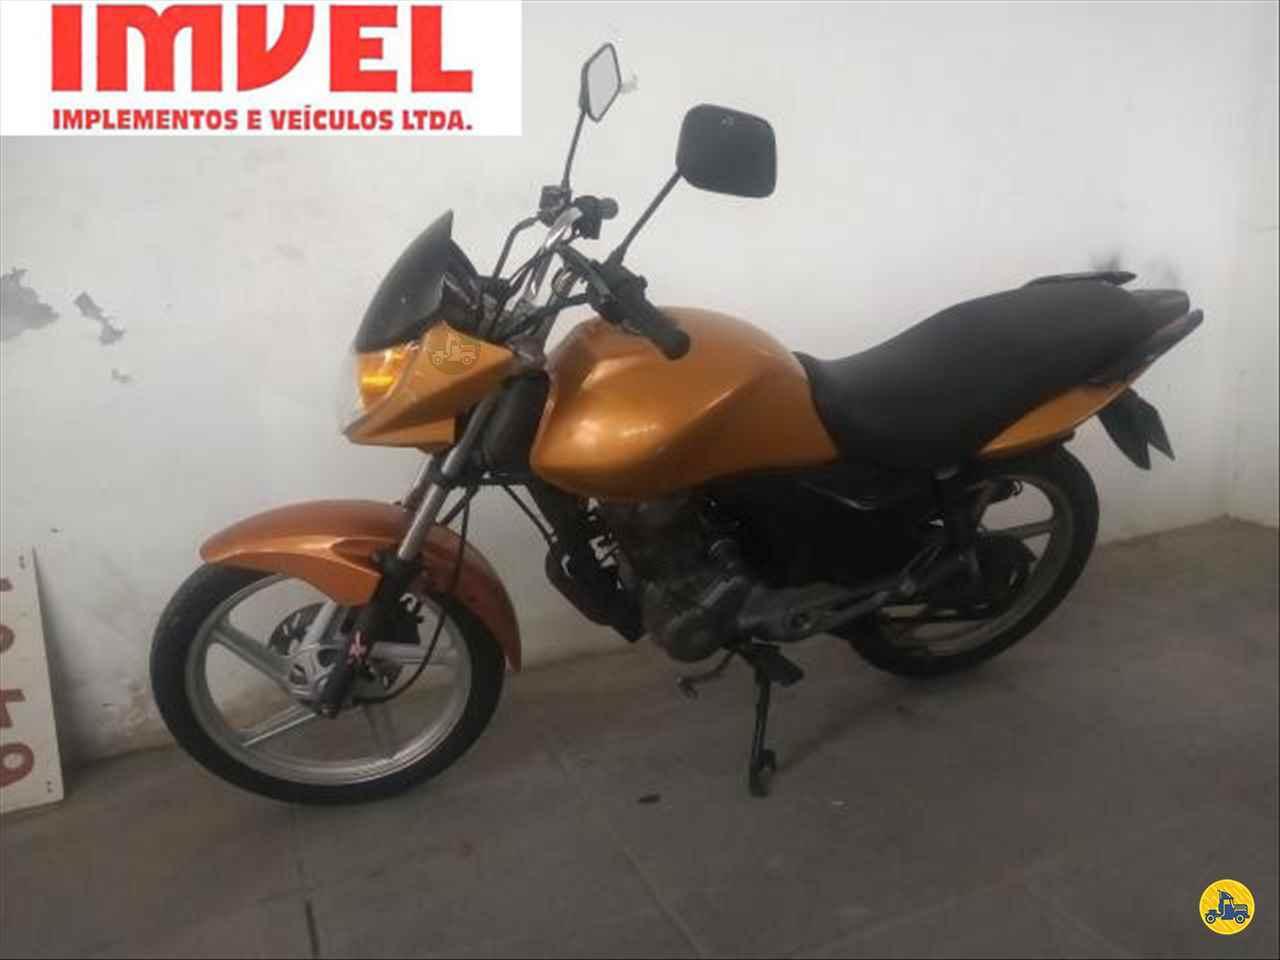 MOTO SHINERAY XY 150-5 MAX Imvel Implementos e Veículos CANOAS RIO GRANDE DO SUL RS